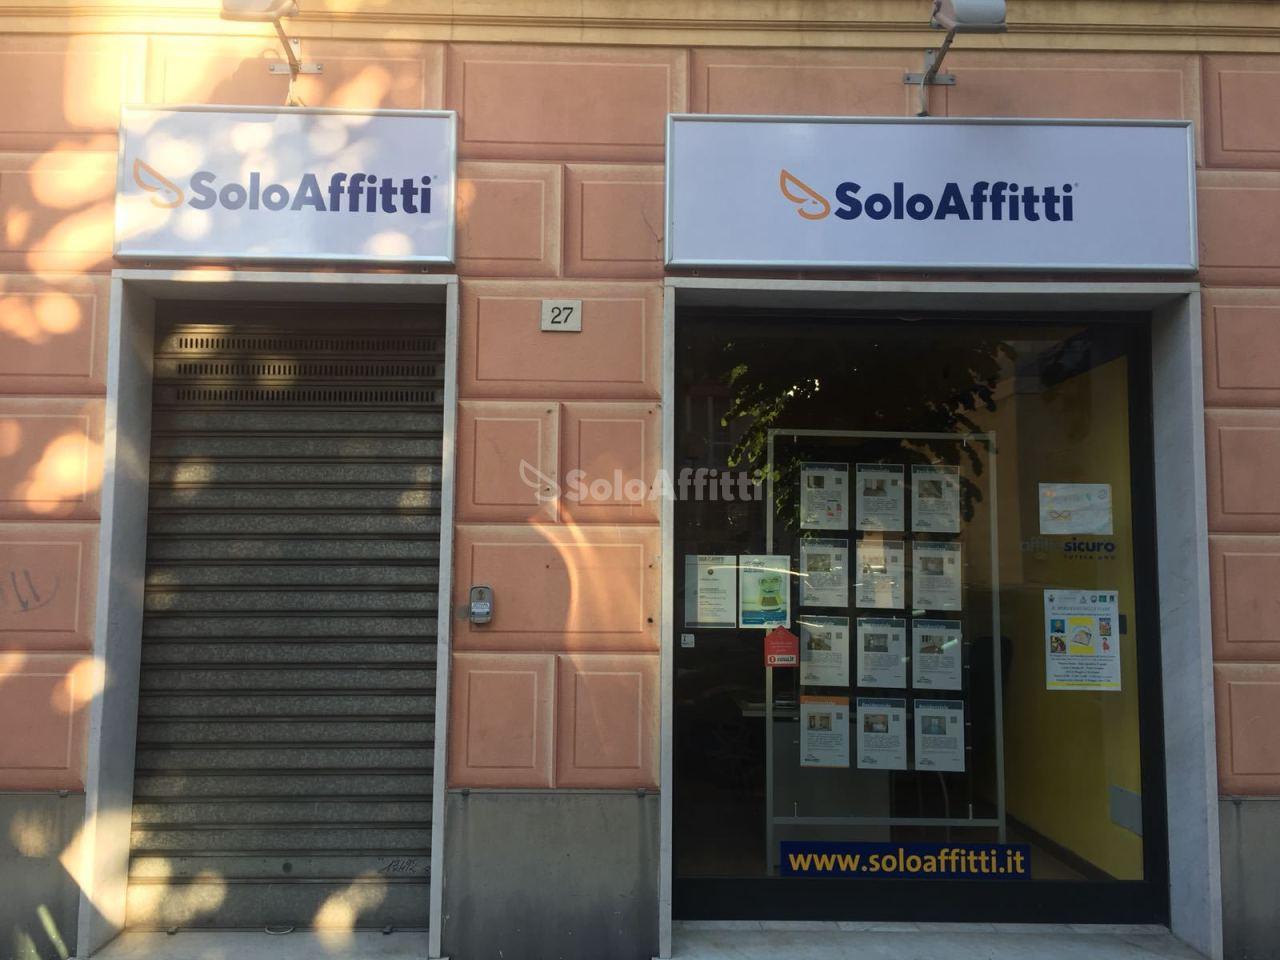 Ufficio / Studio in affitto a Chiavari, 2 locali, prezzo € 500 | PortaleAgenzieImmobiliari.it